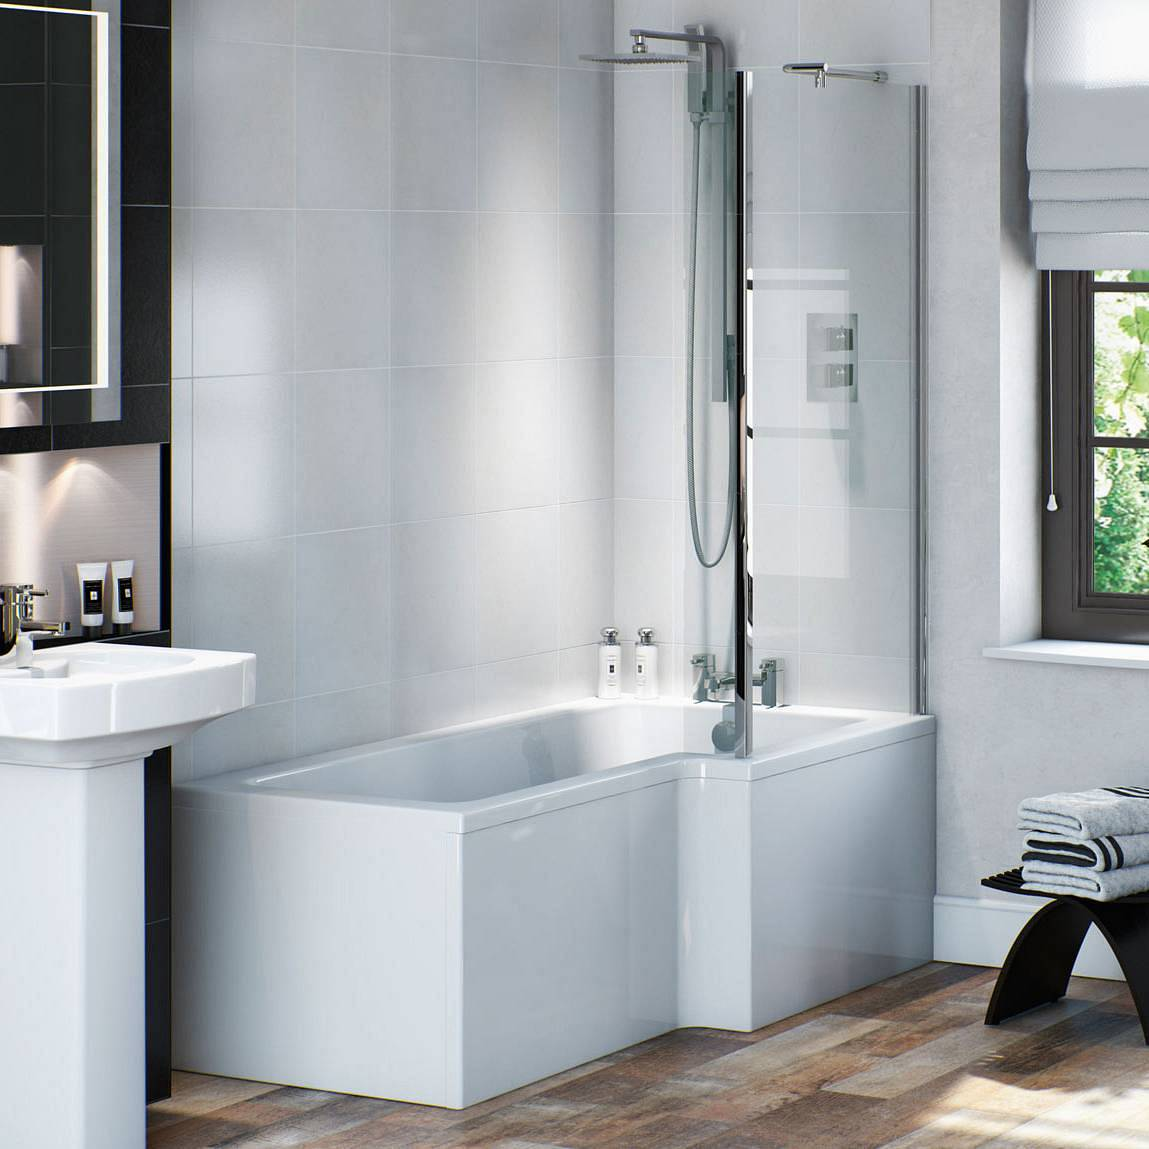 Milan modern shower bath suite kitchen cabinets knobs or pulls